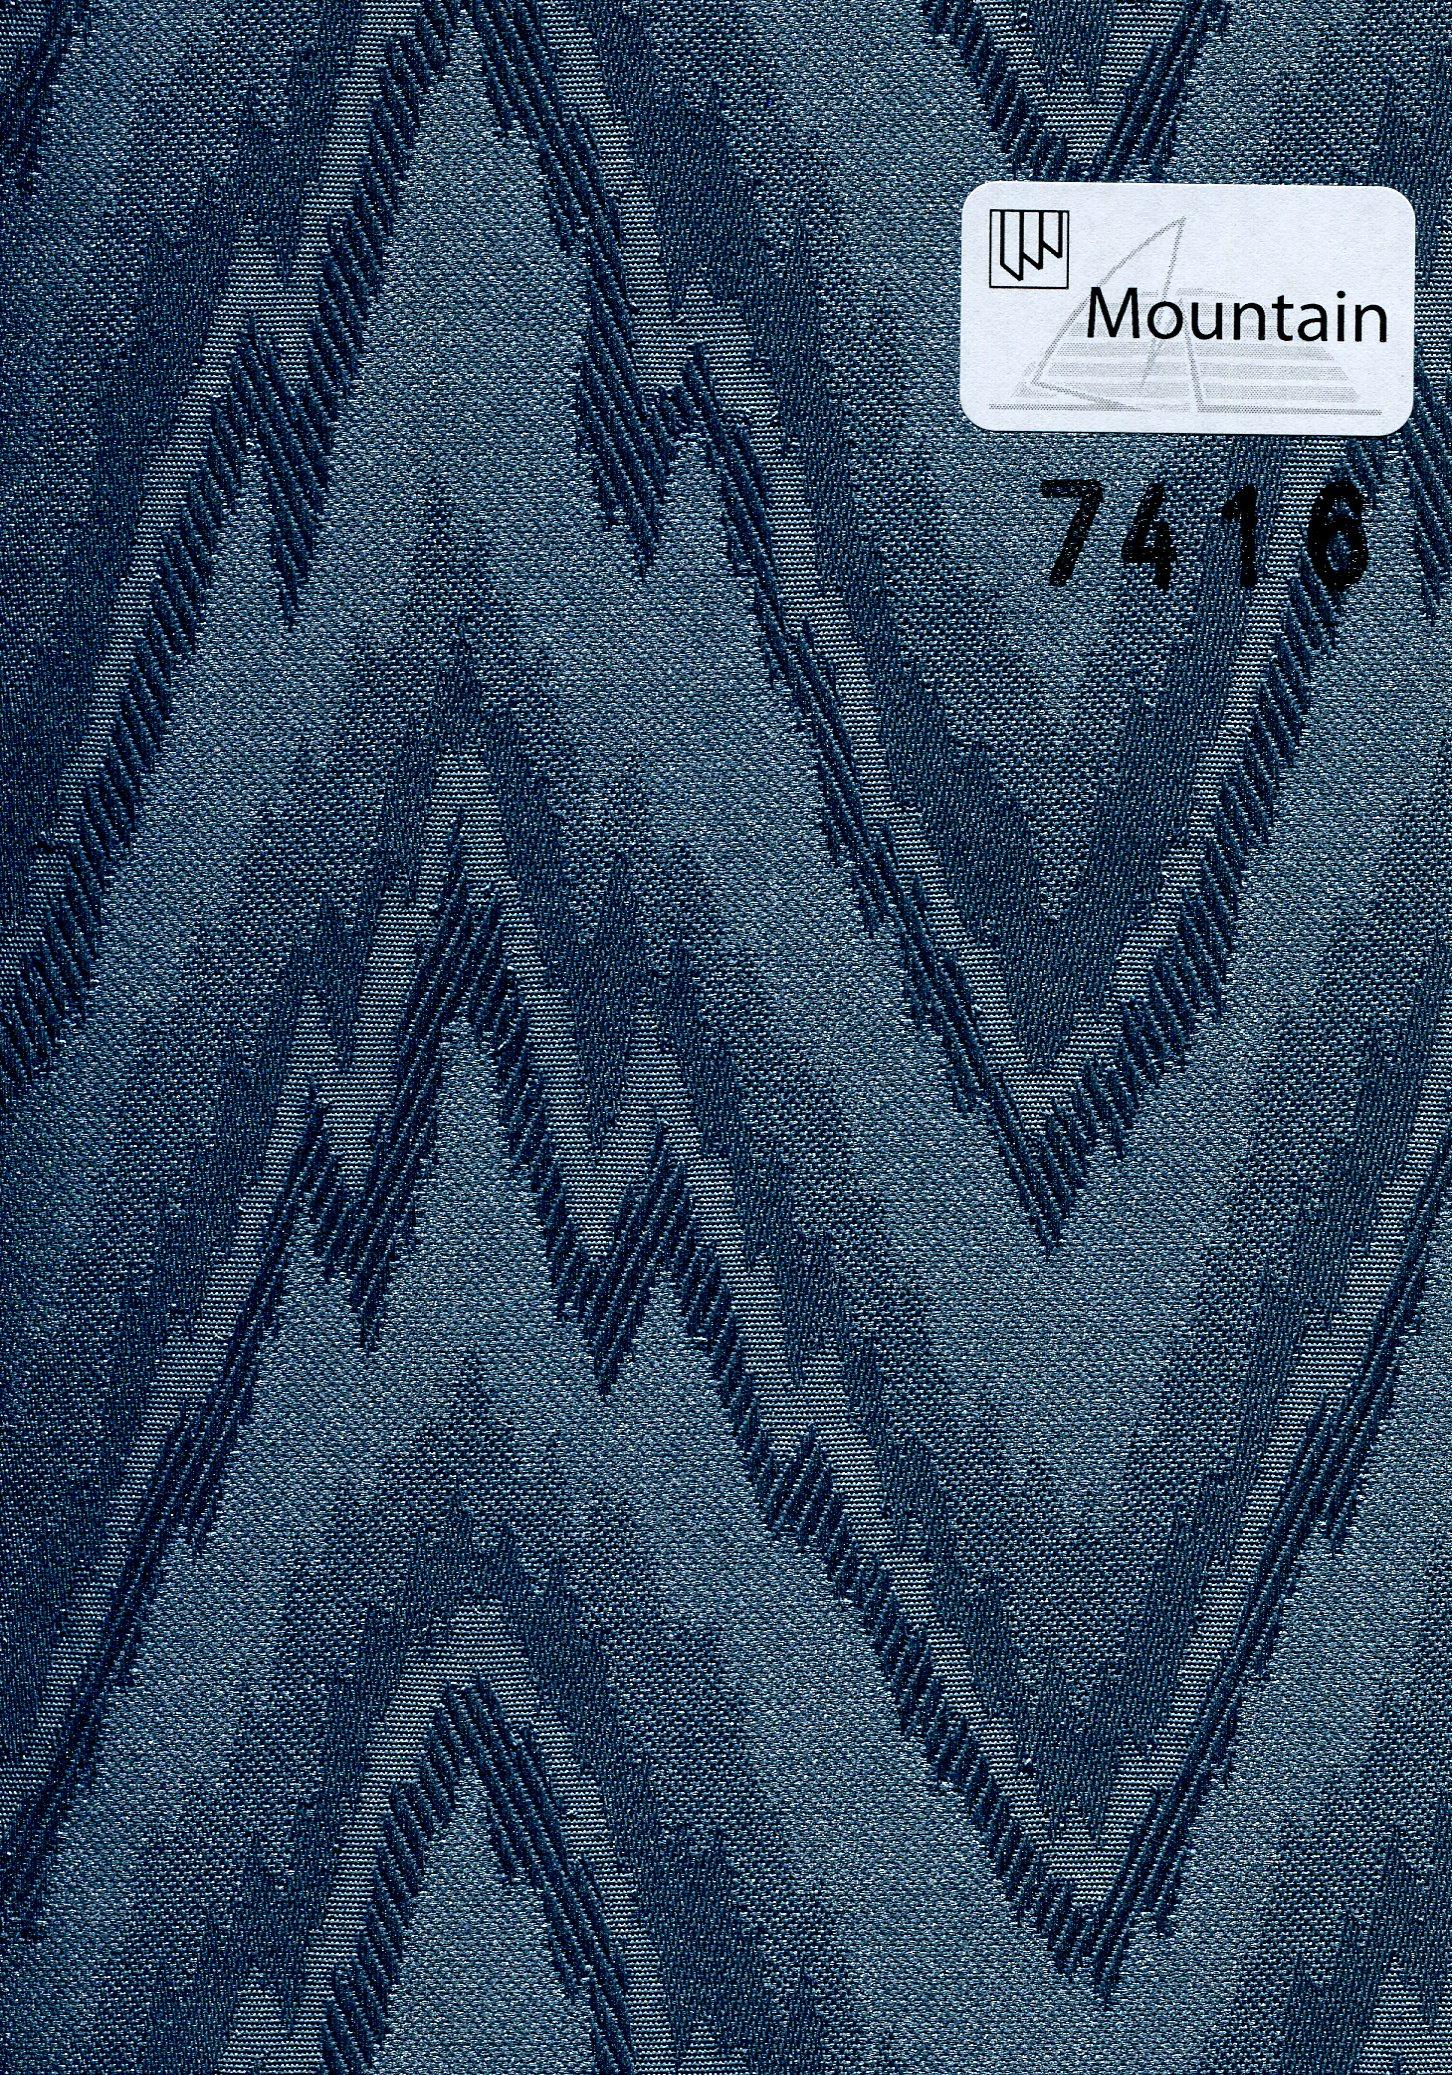 Mountain 7416